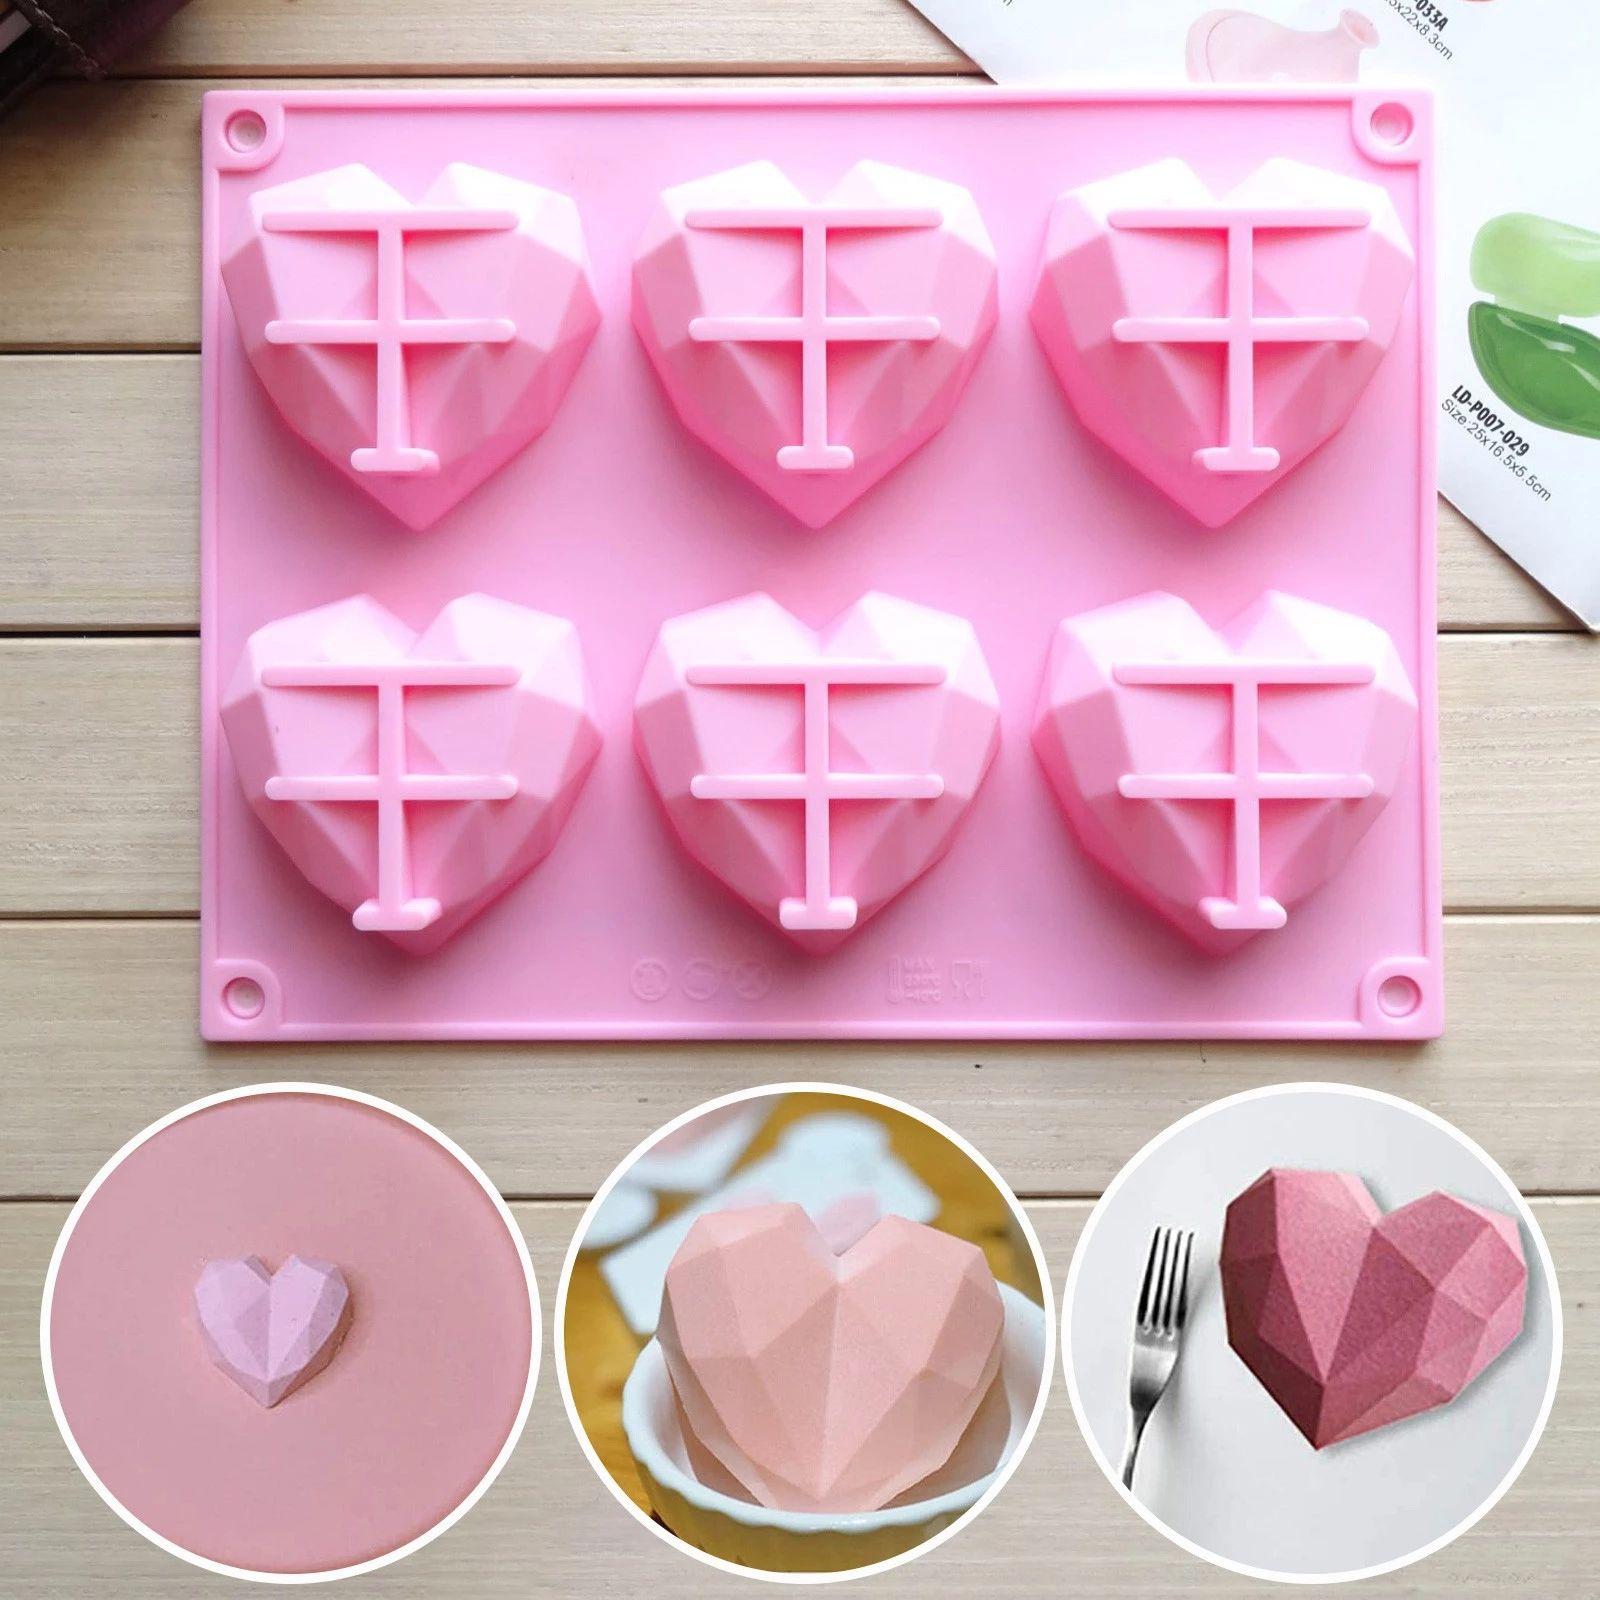 3D DIY силиконовые влюбленные тортные формы 6 полость алмазное любовь сердце помадка украшать инструменты шоколадные формы печенье